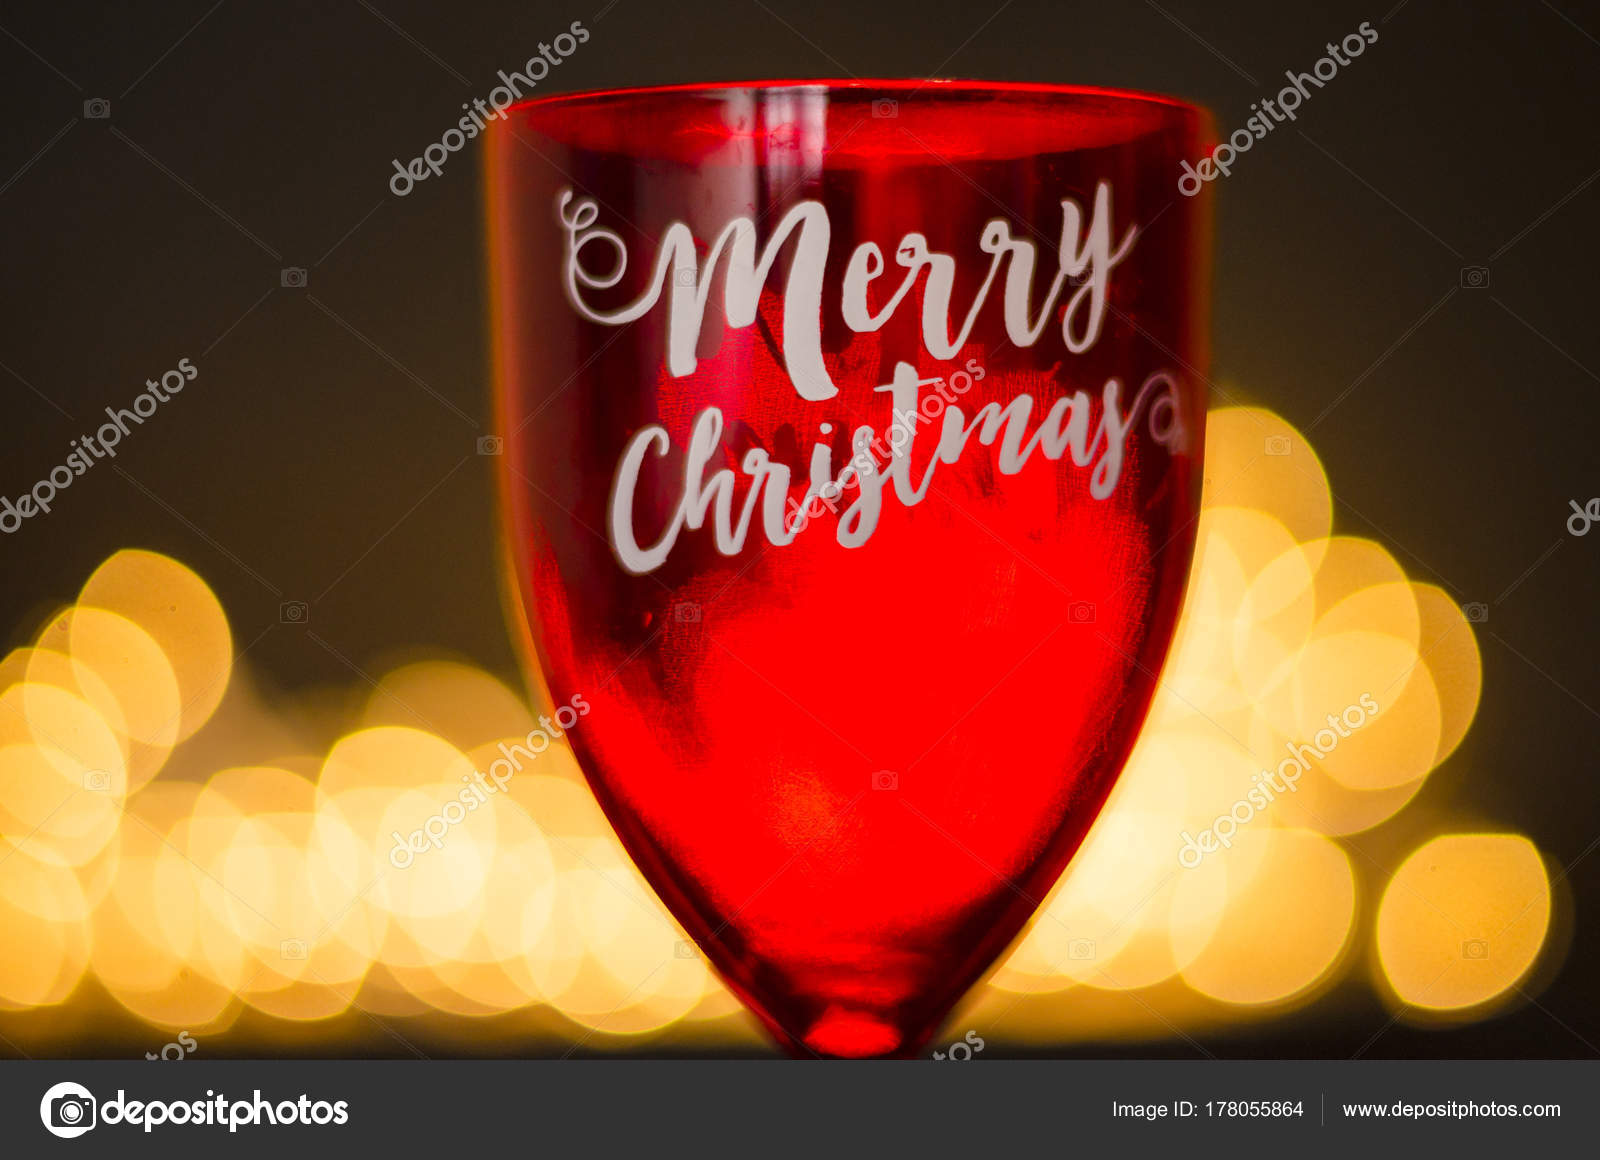 Frasi Natale Vino.Bicchiere Vino Rosso Con Frase Buon Natale Sulla Priorita Bassa